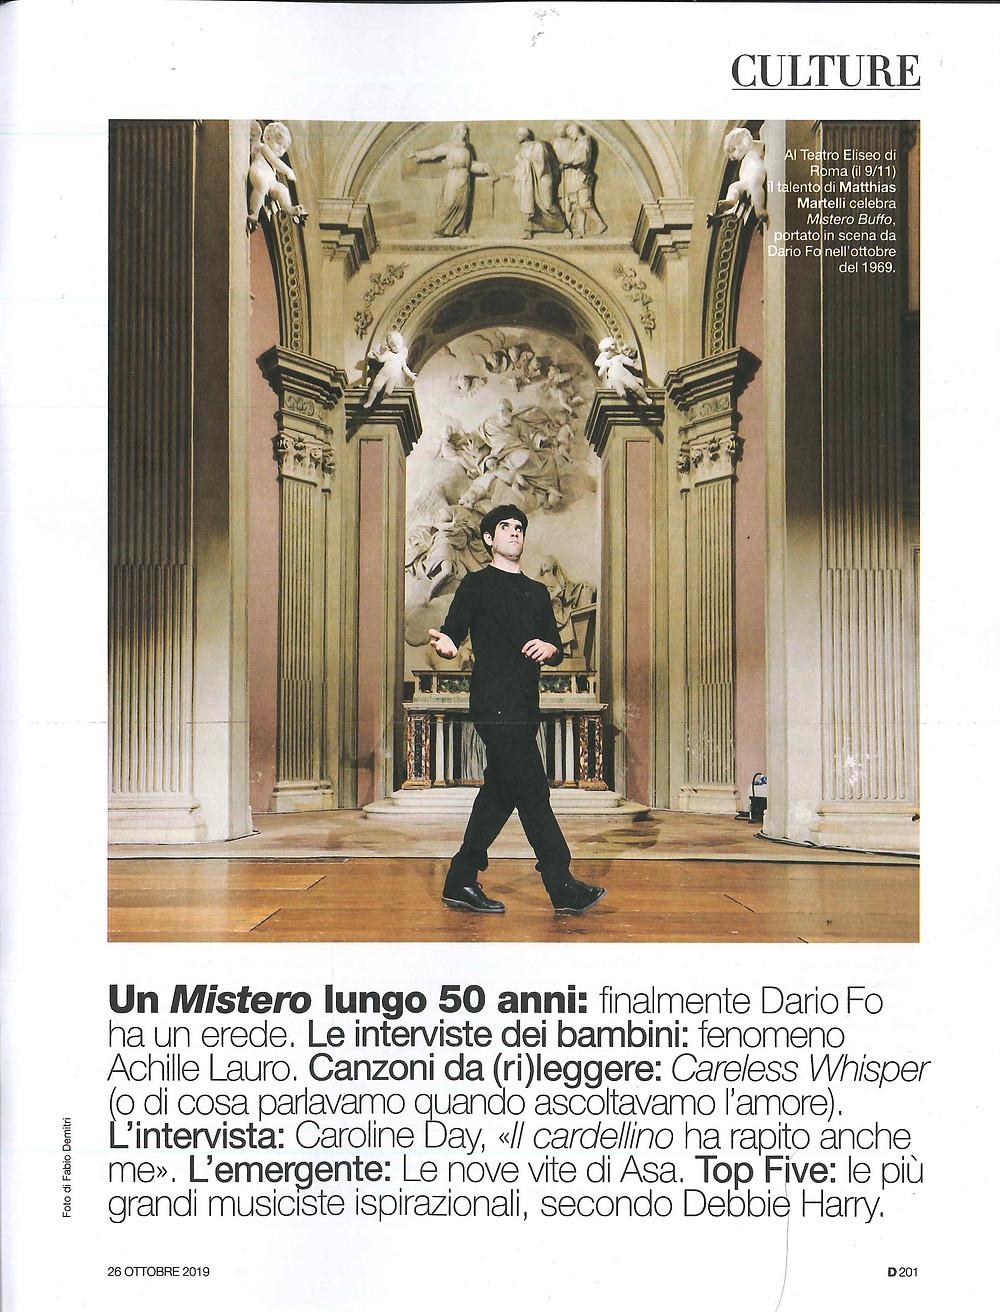 D di Repubblica - Matthias Martelli, Mistero Buffo